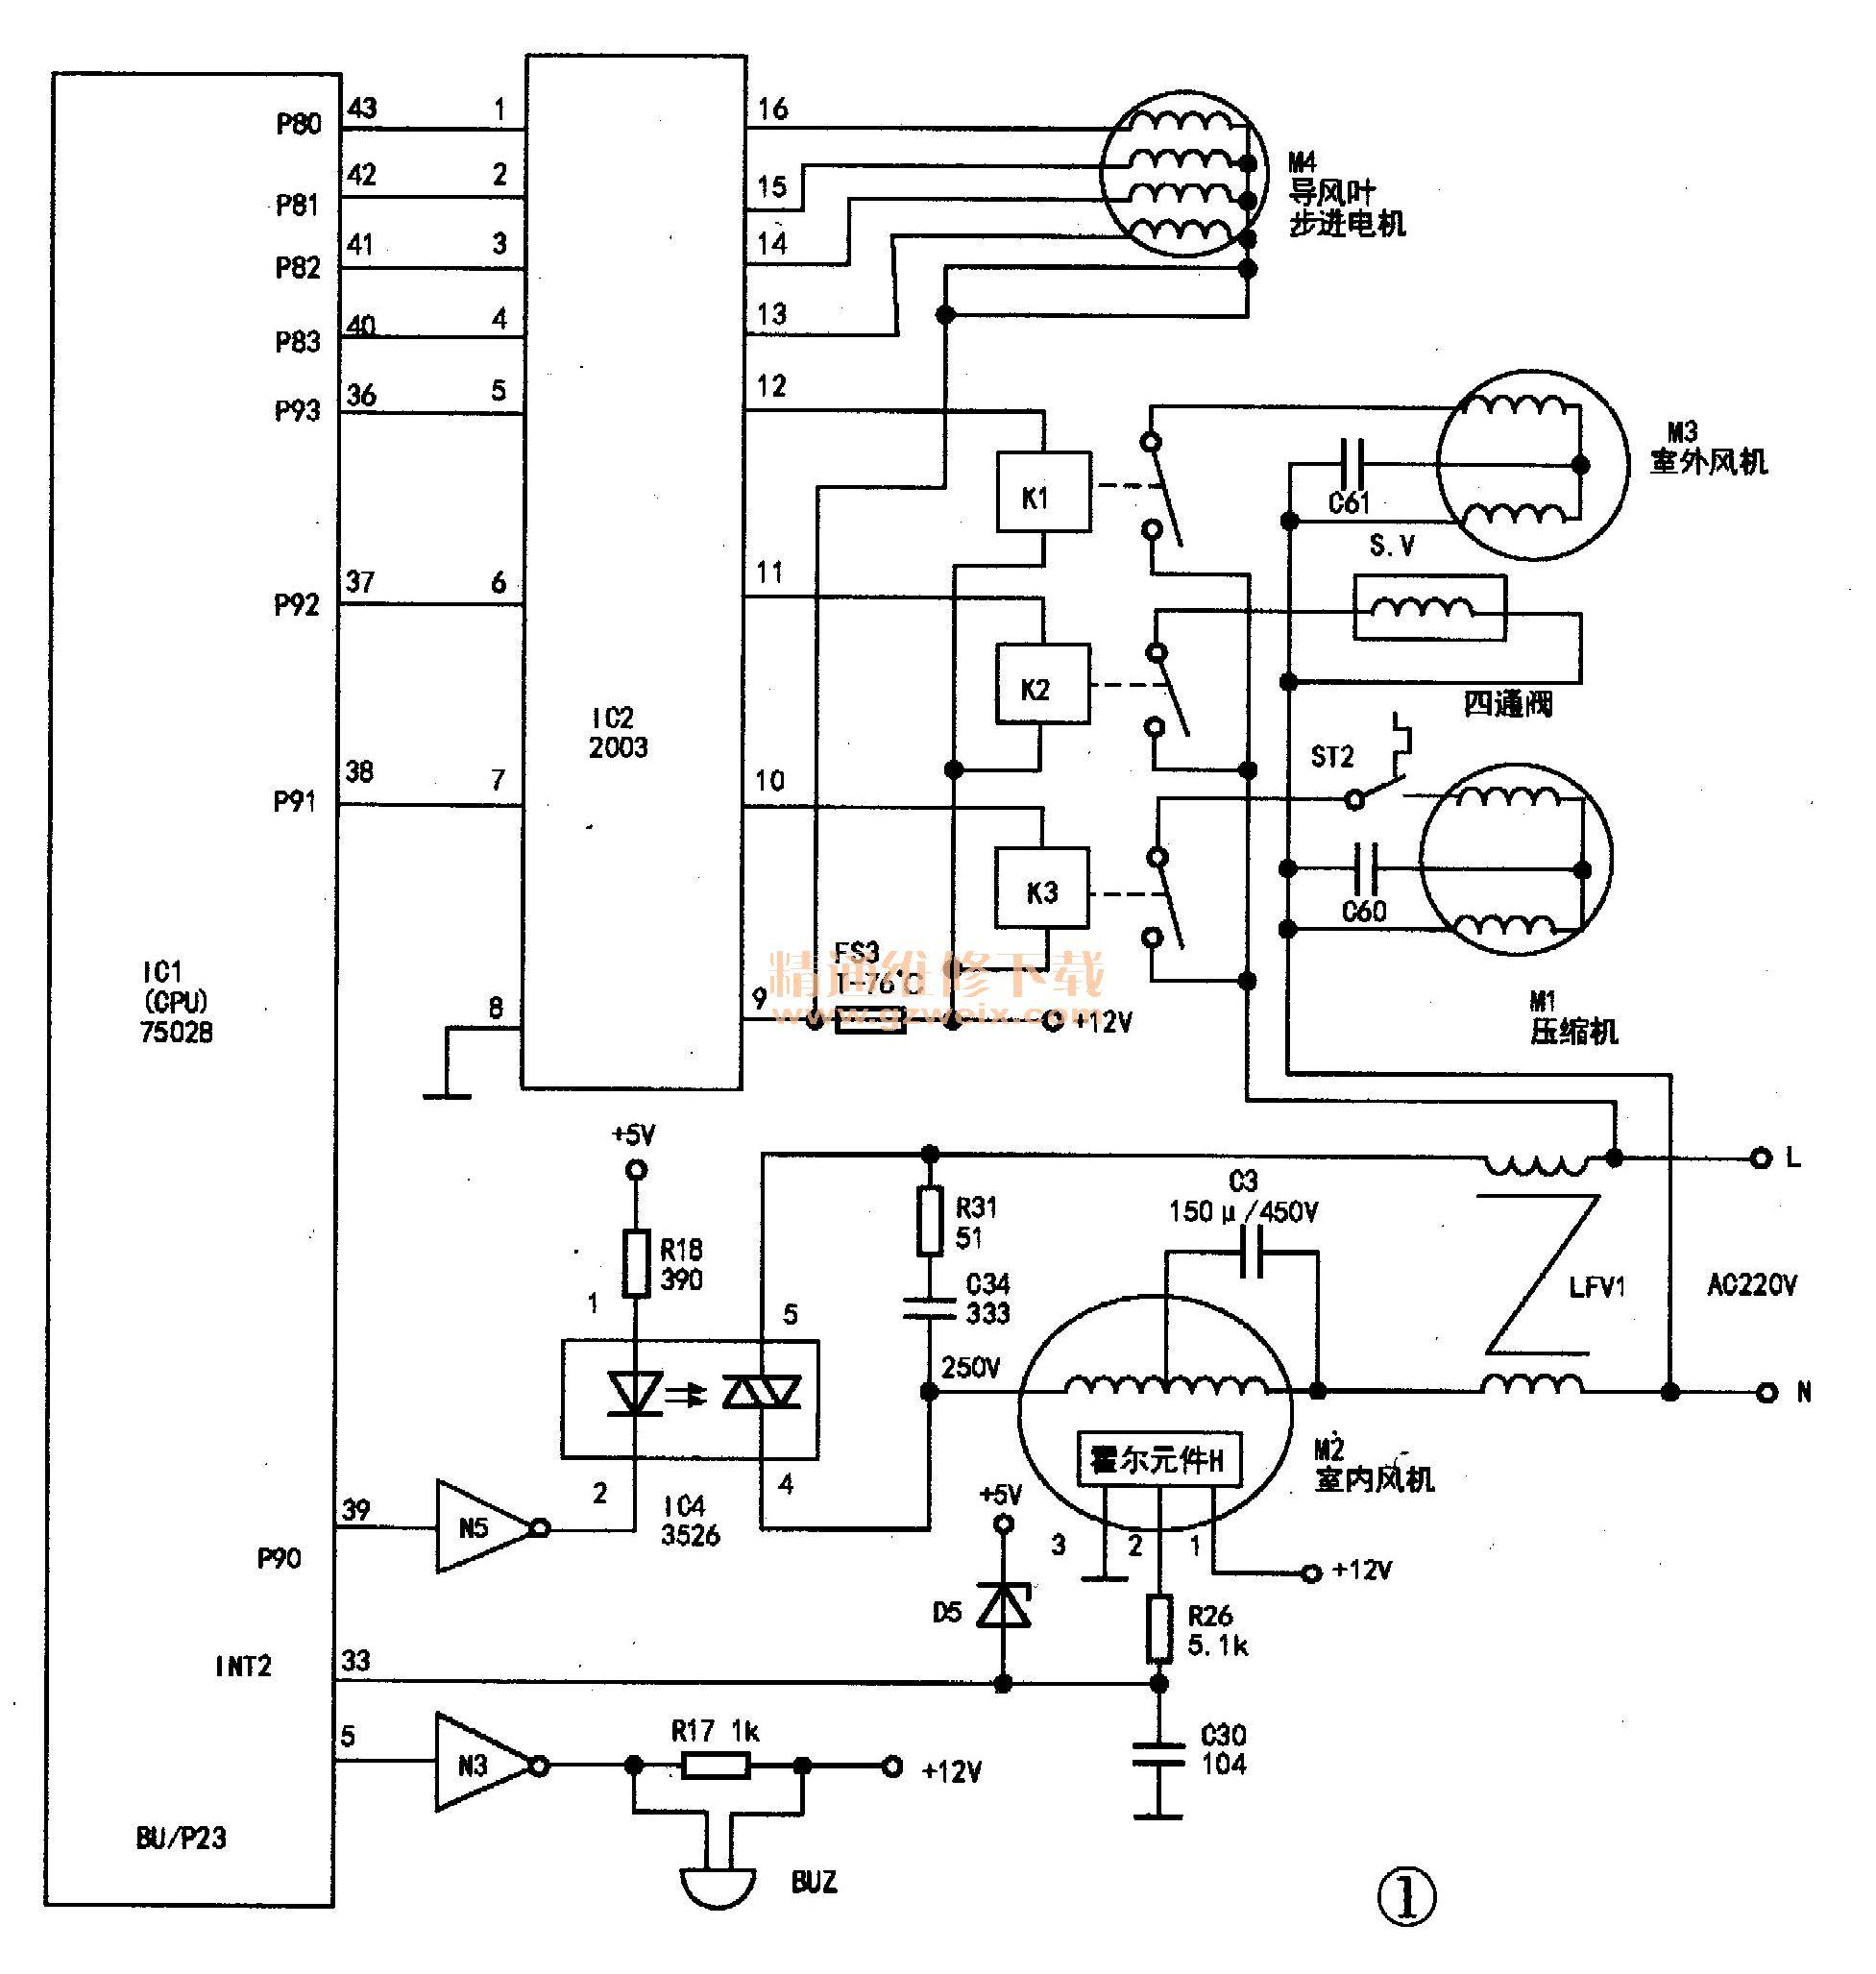 输出驱动电路的原理及检修要点简介如下